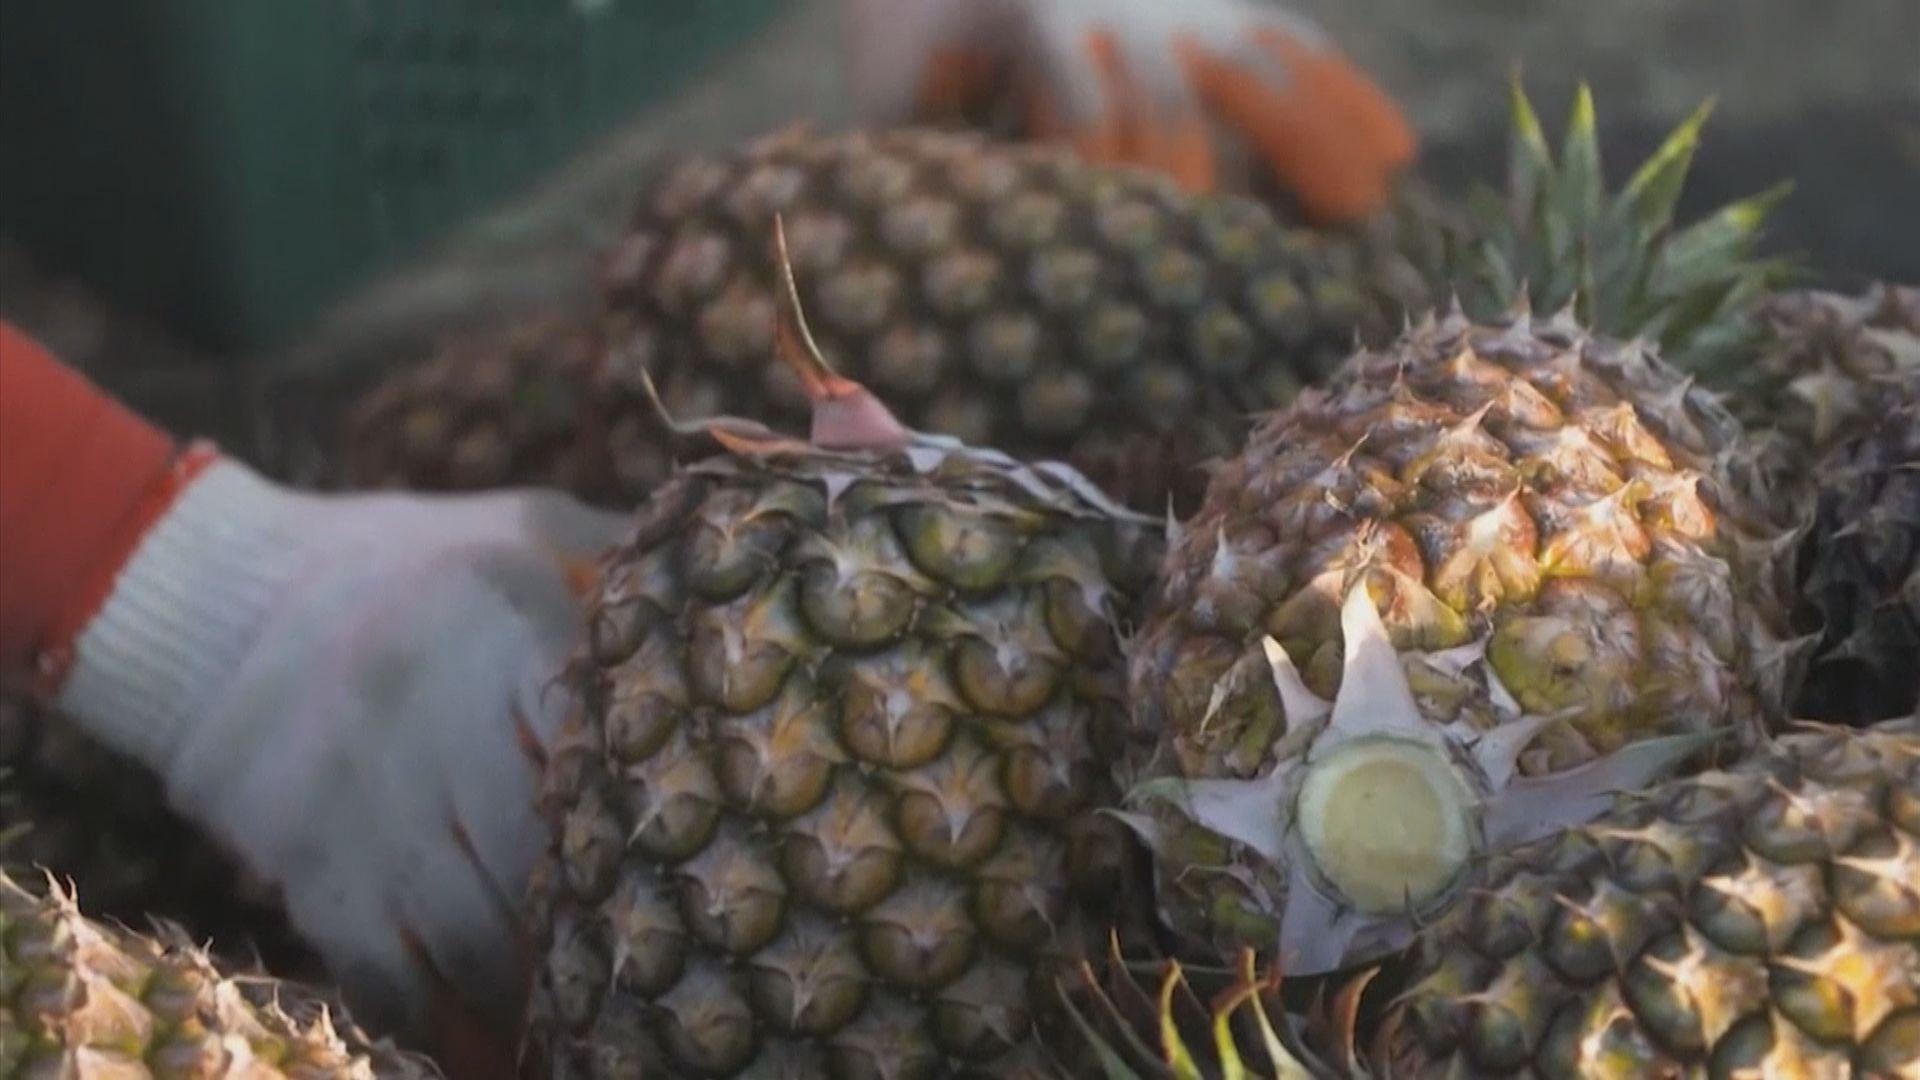 國台辦:民進黨將禁止進口菠蘿問題政治化